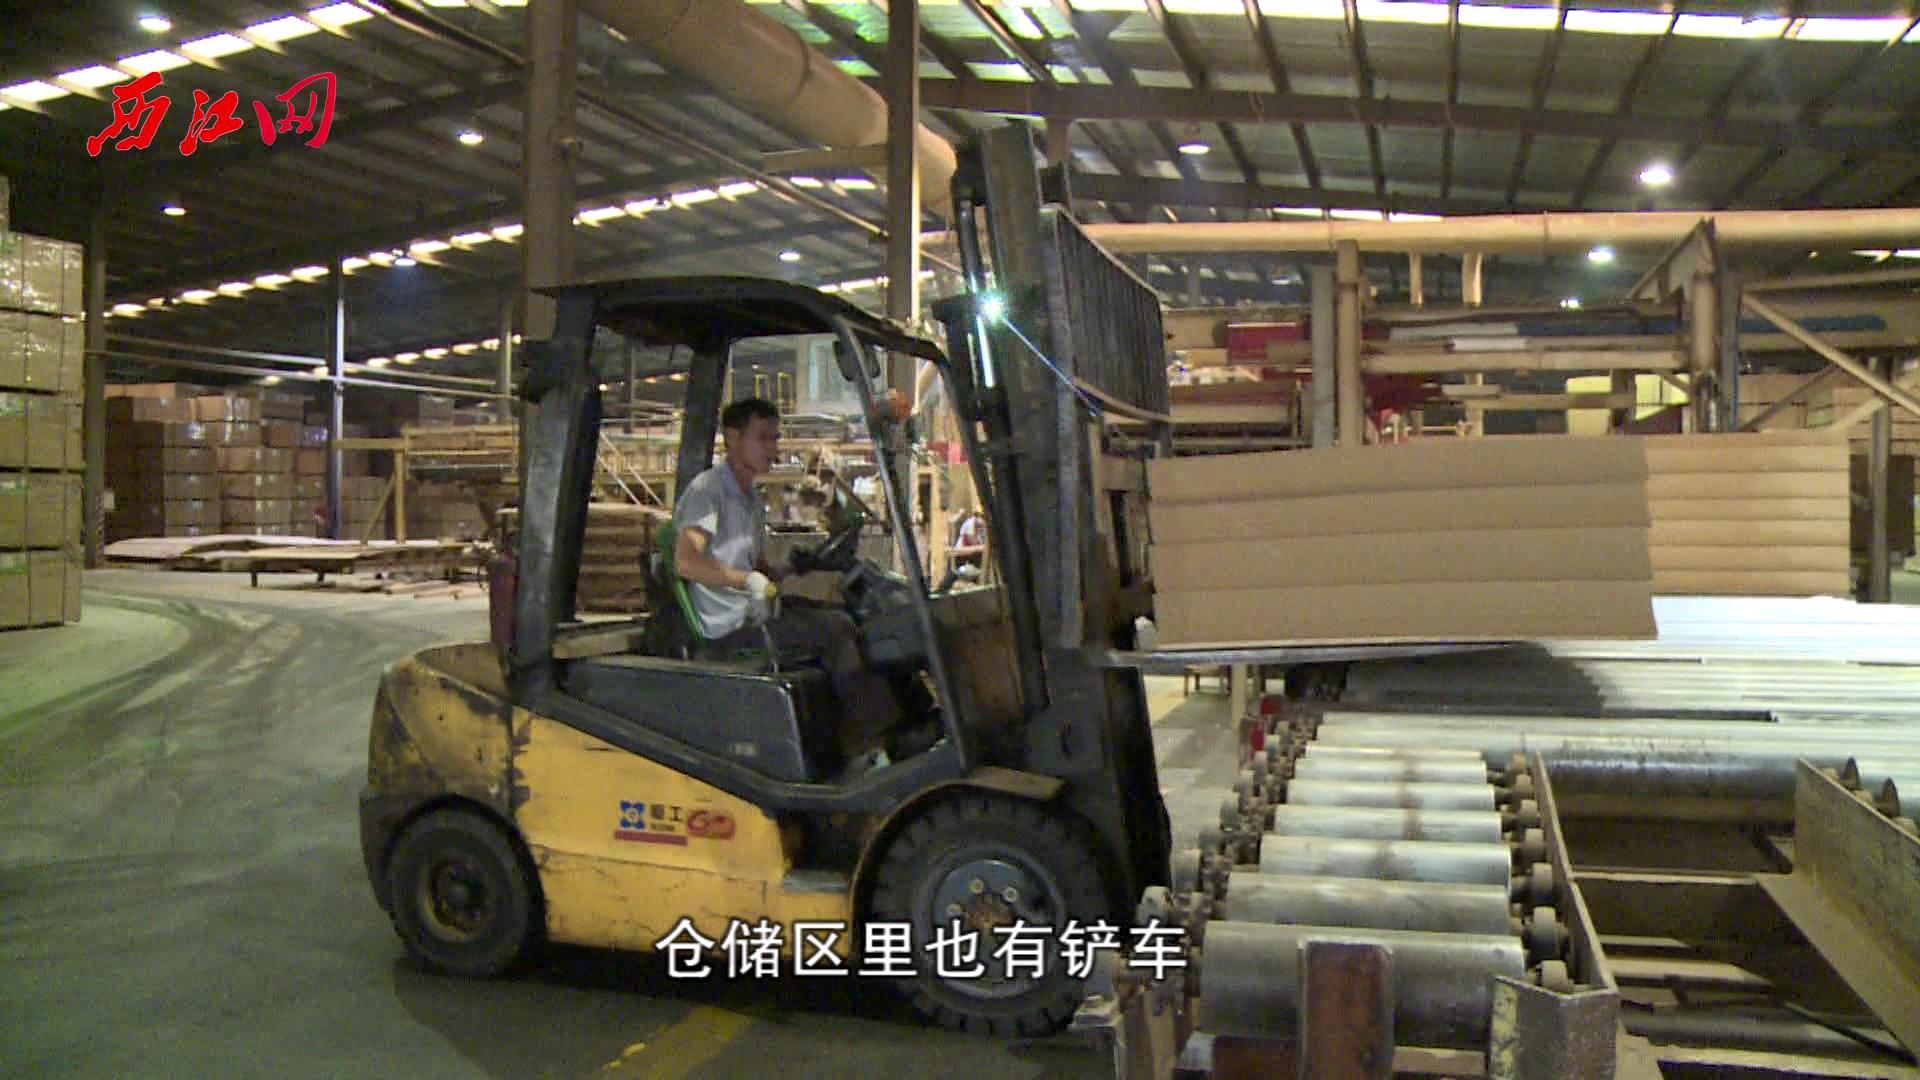 以龙头项目发展带动工业转型突破 德庆致力打造西江精品明珠